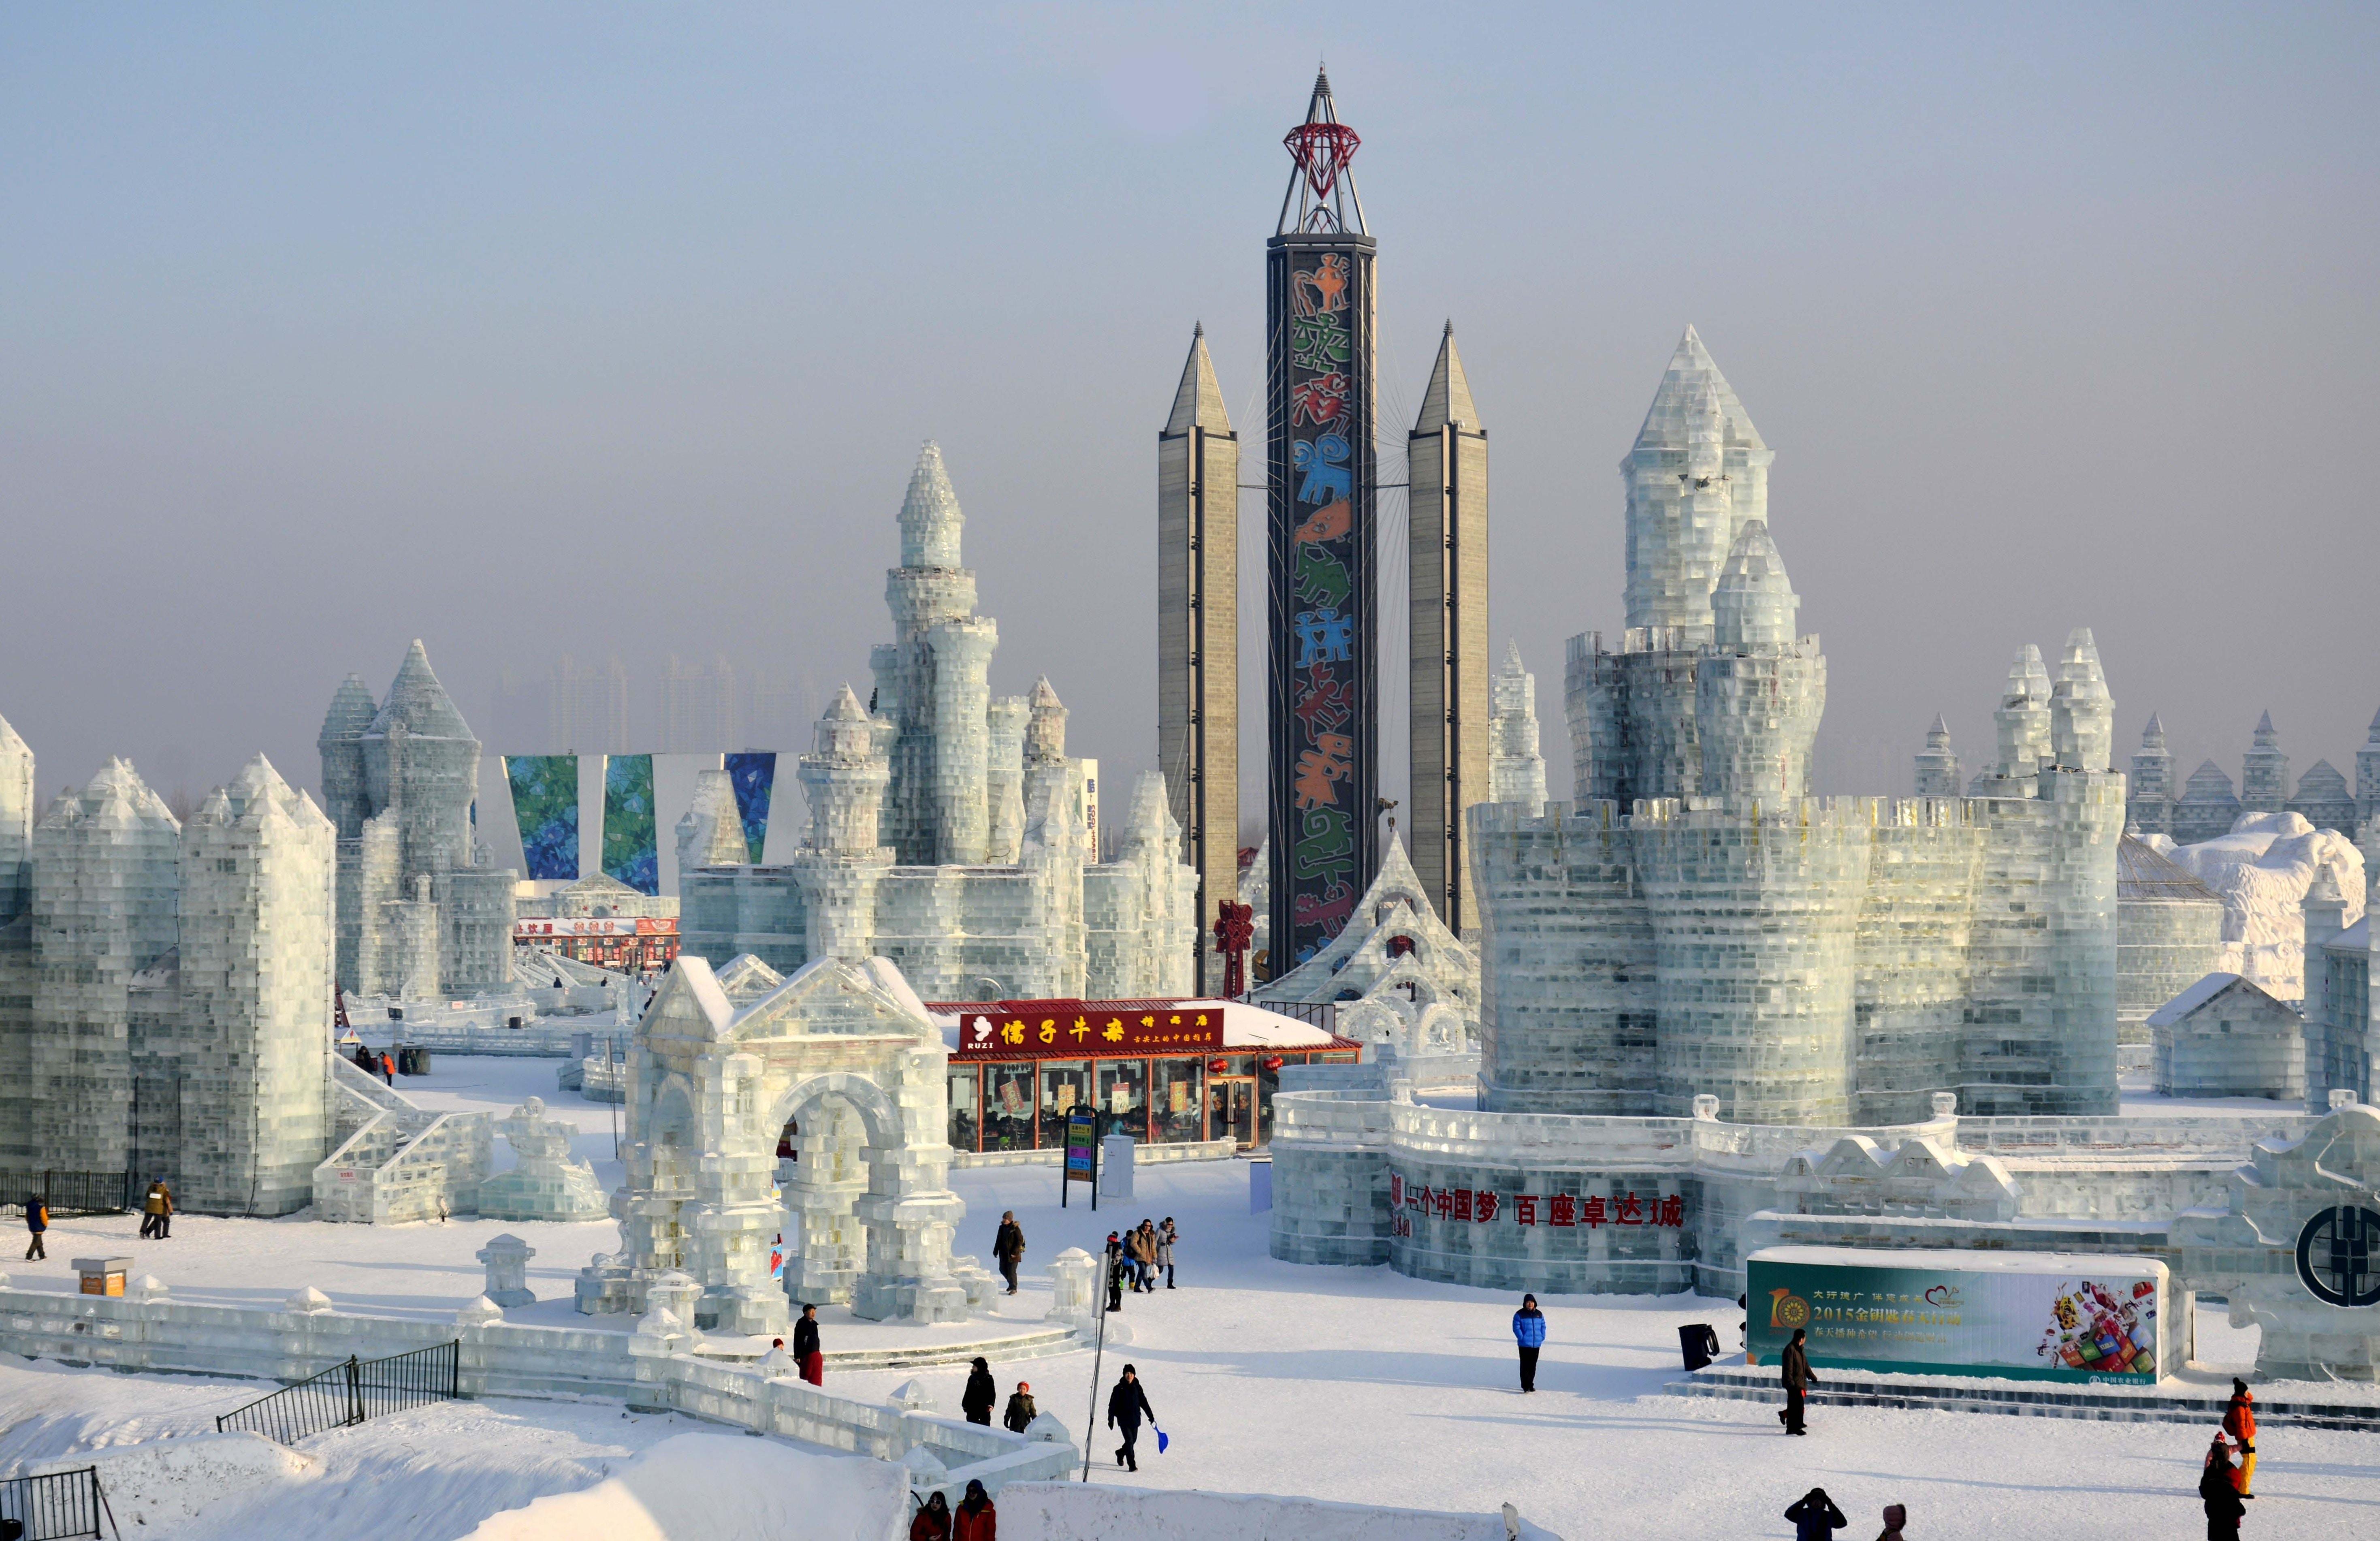 snowy-accent amusement park